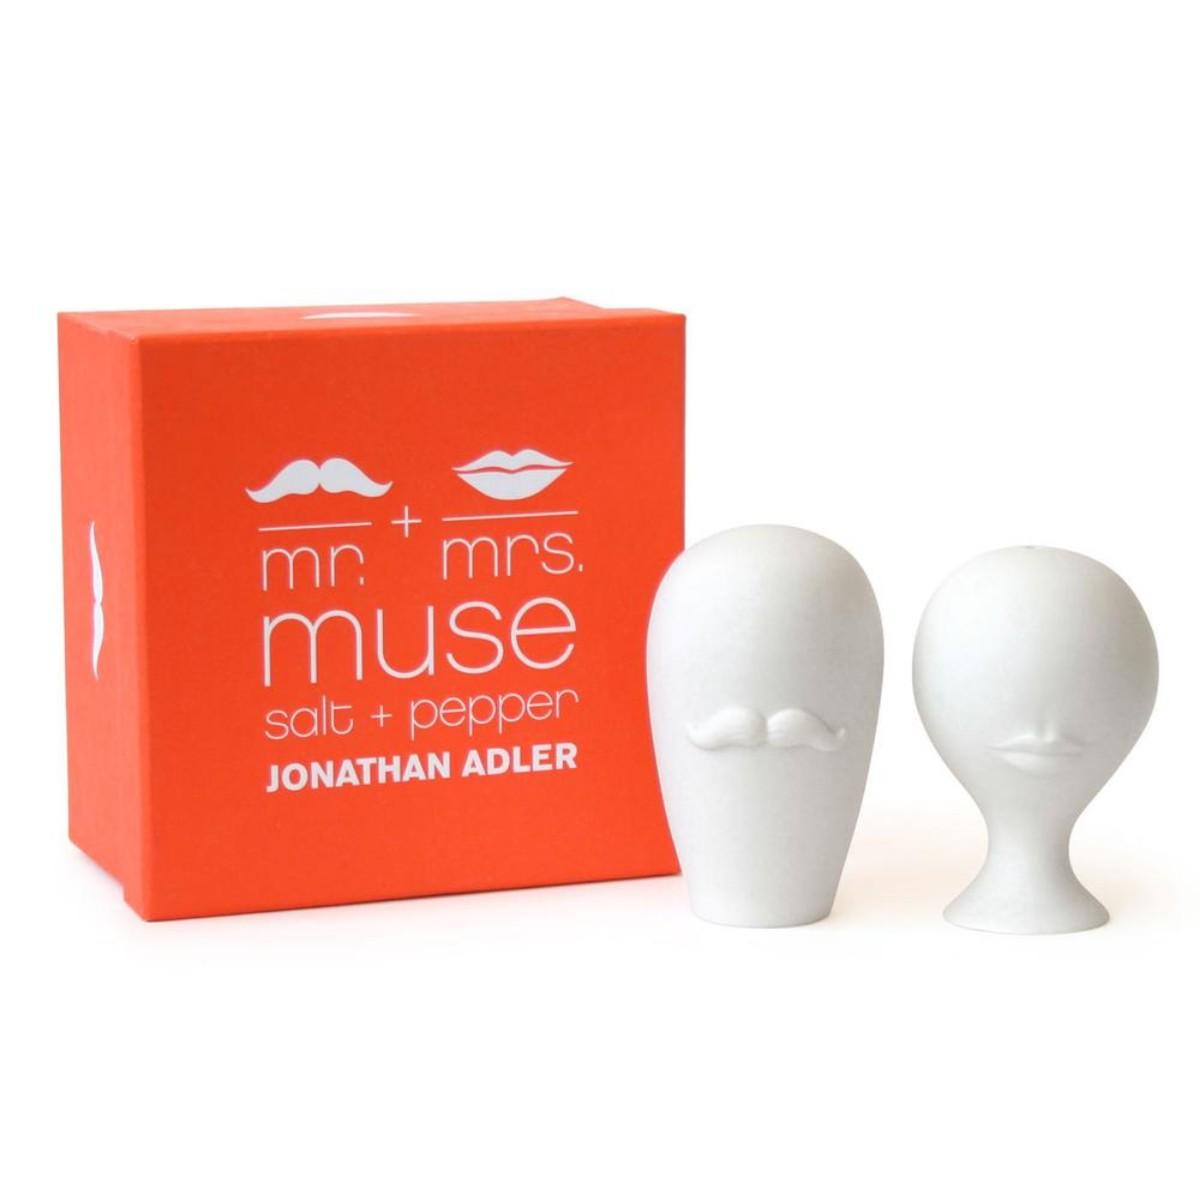 Jonathan Adler I Muse Salt & Pepper Set MR & MRS